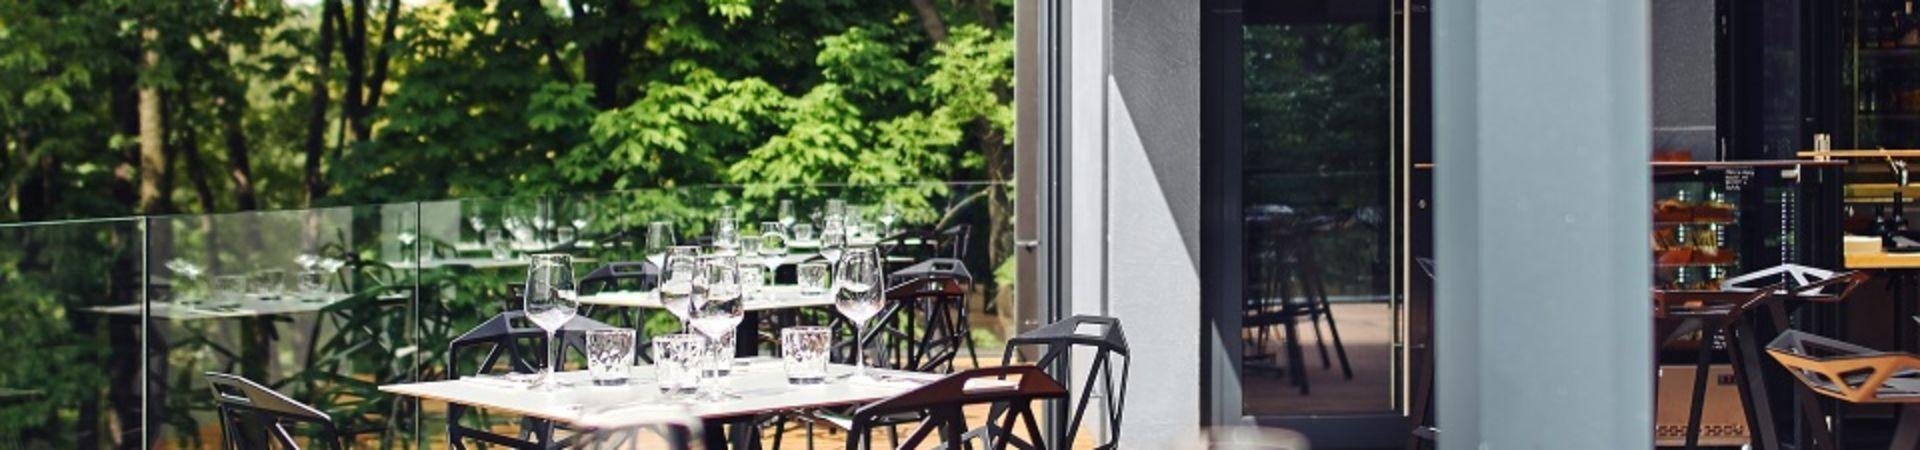 Café Re:public - Střešní terasa